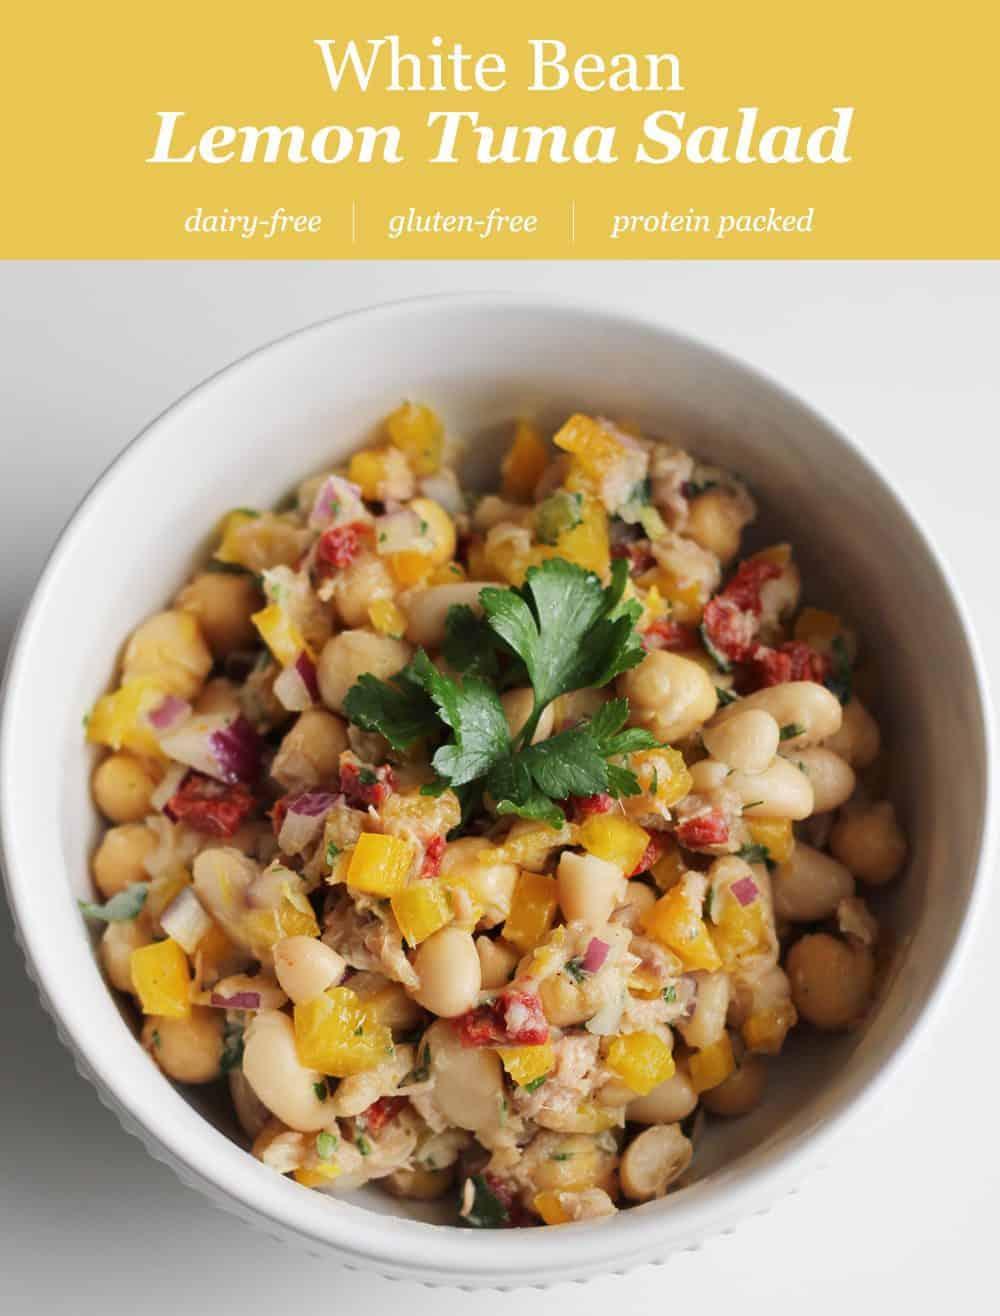 White Bean Lemon Tuna Salad